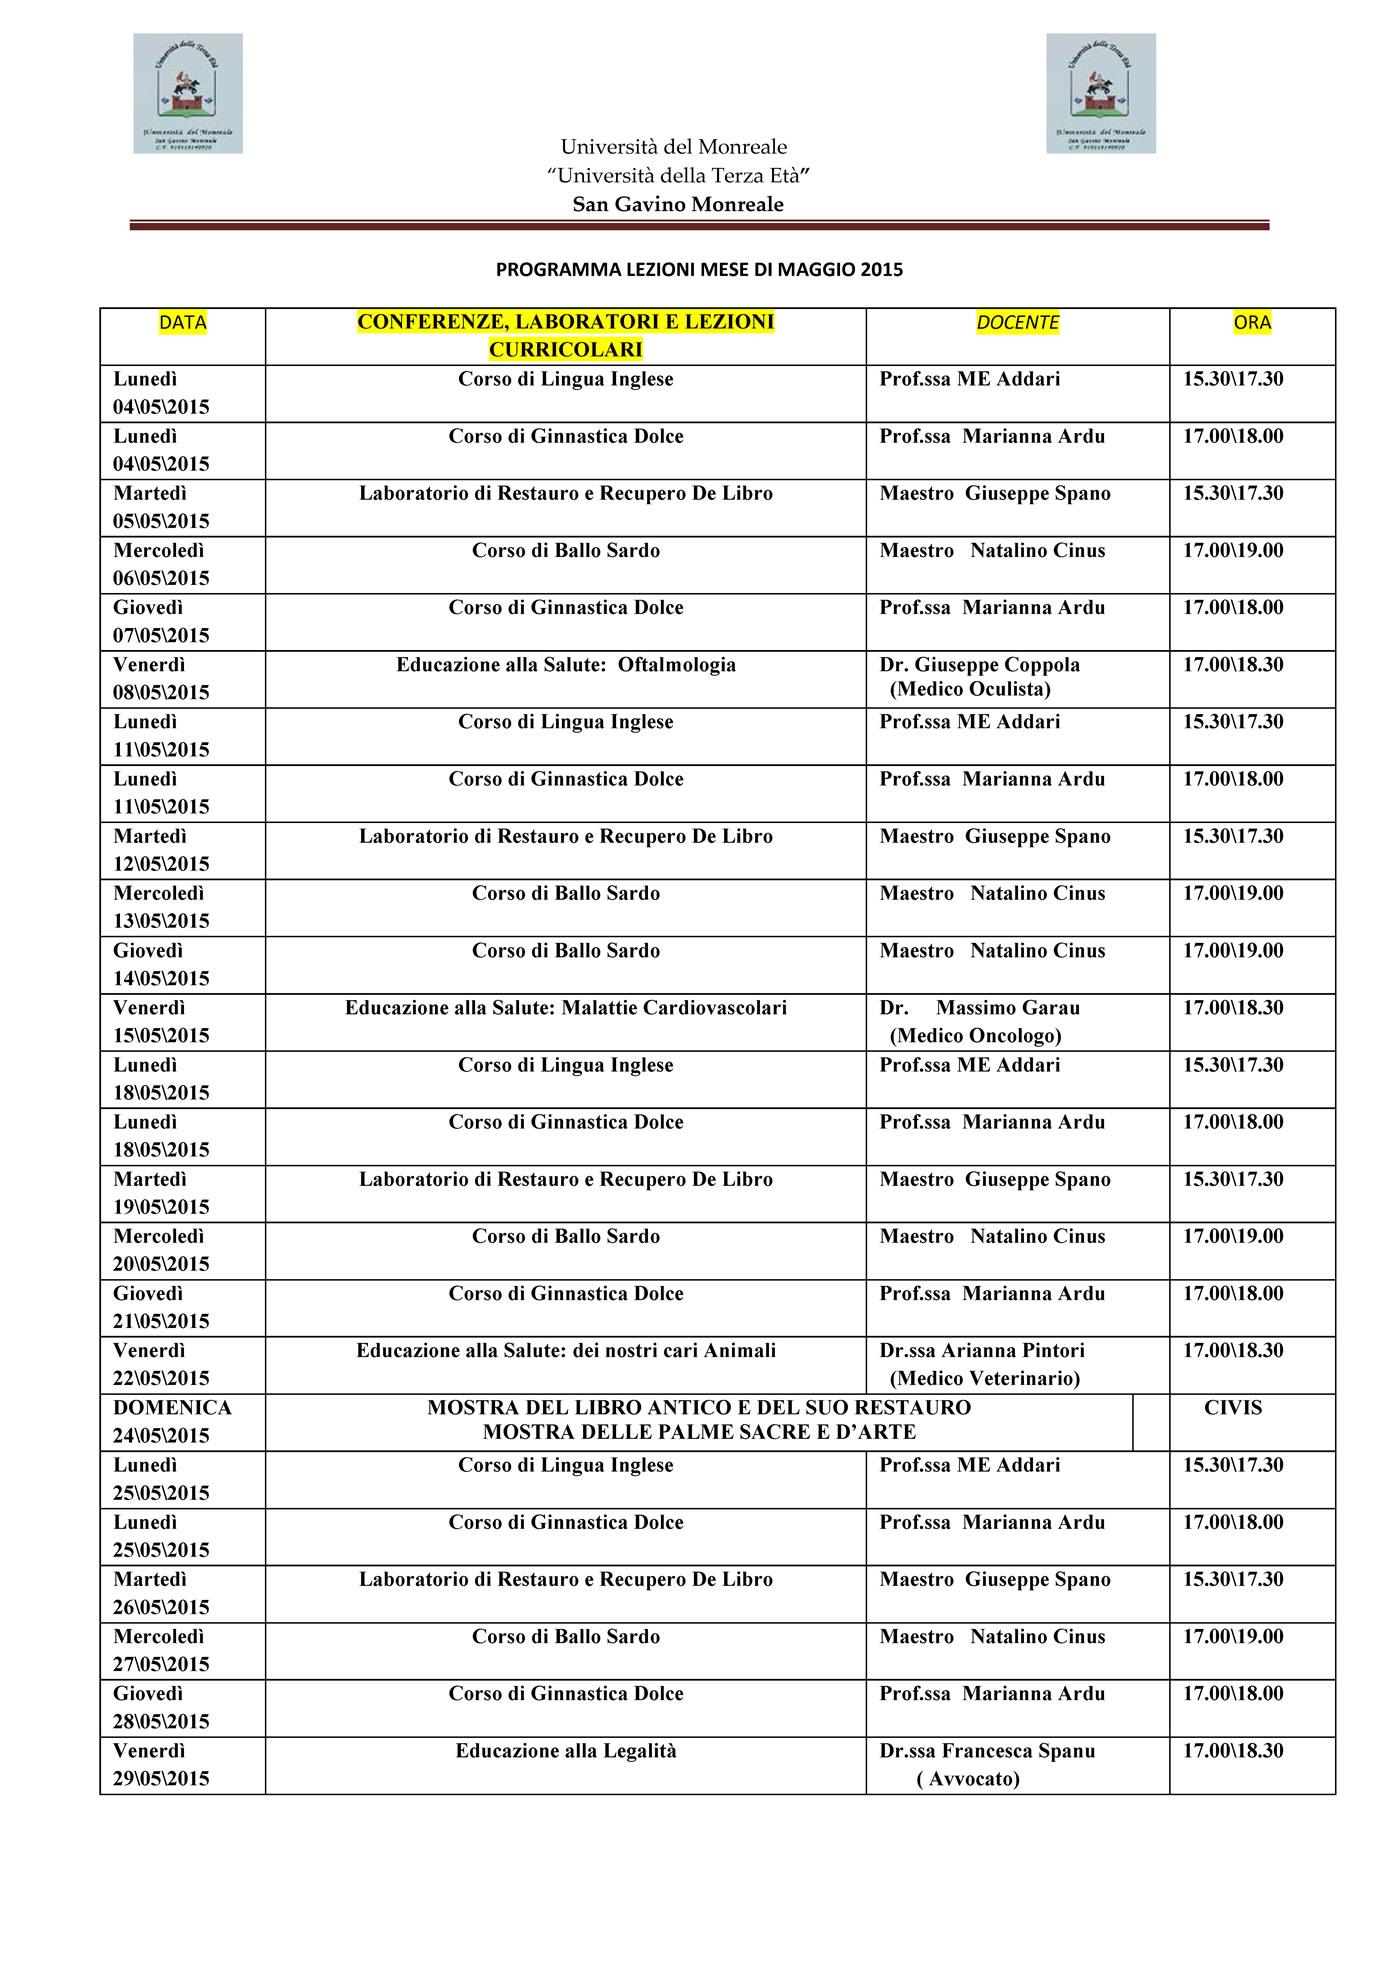 Università del Monreale: lezioni nel mese di Maggio 2015